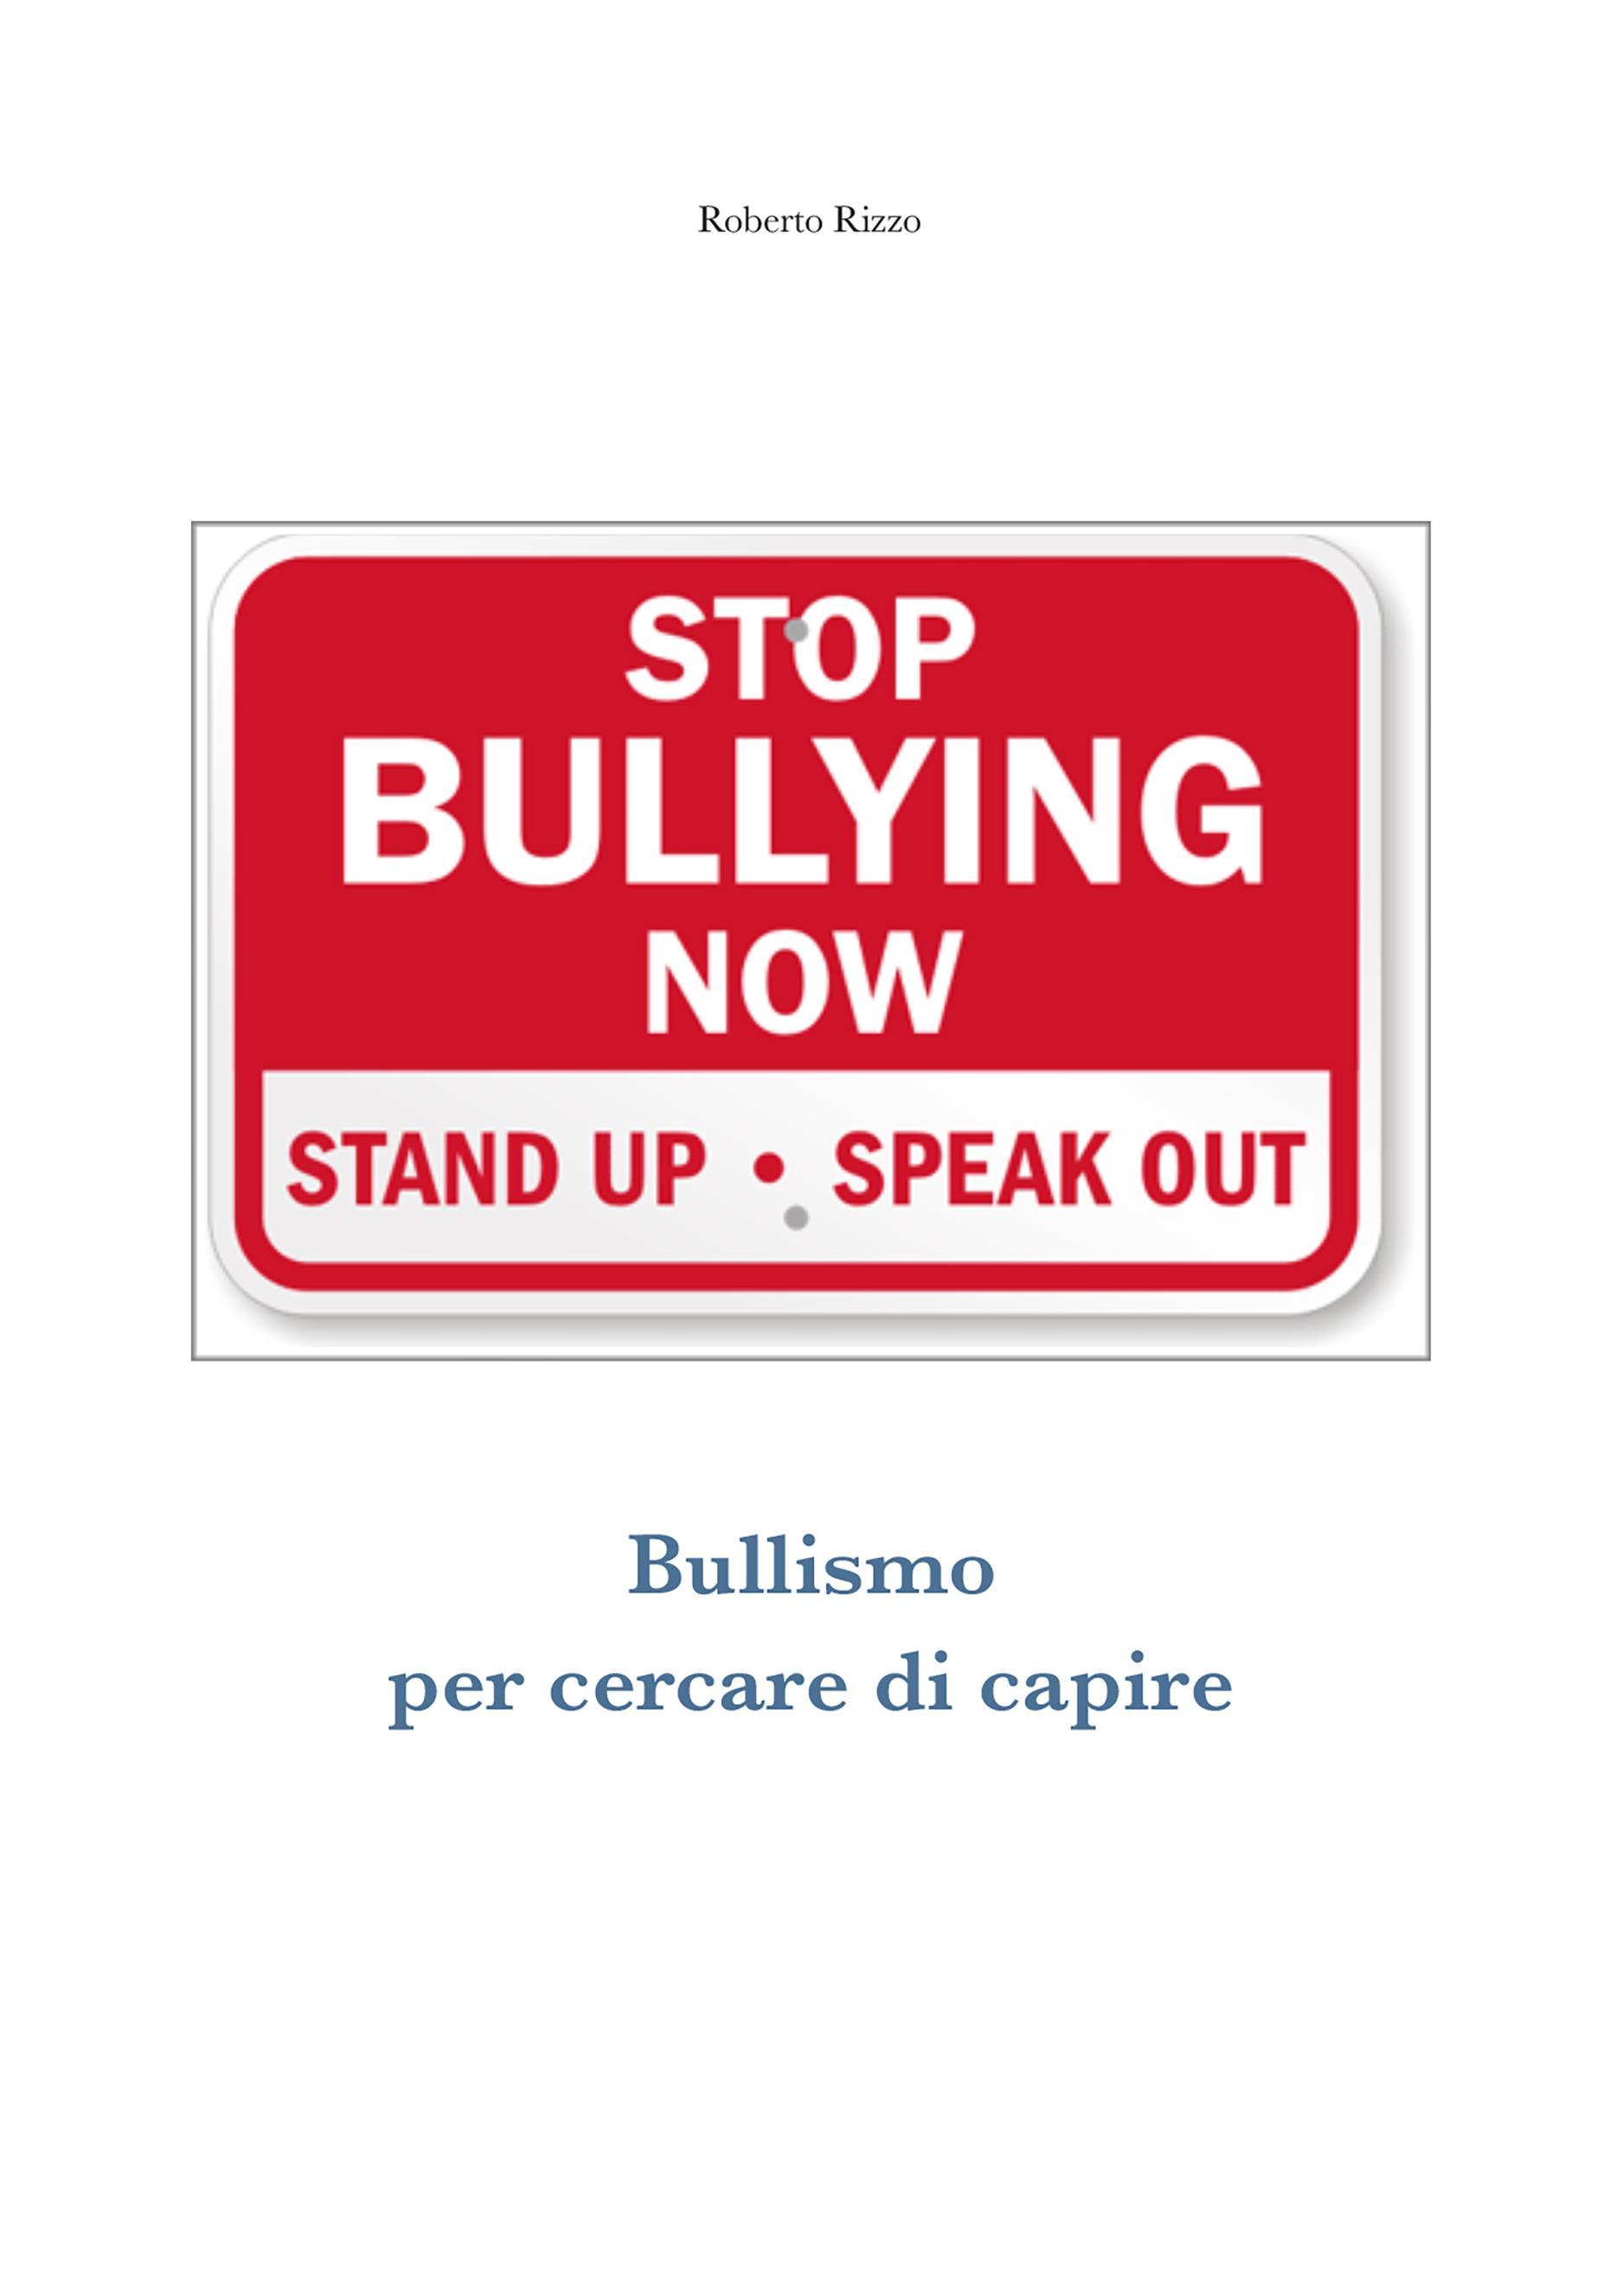 Bullismo (per cercare di capire)